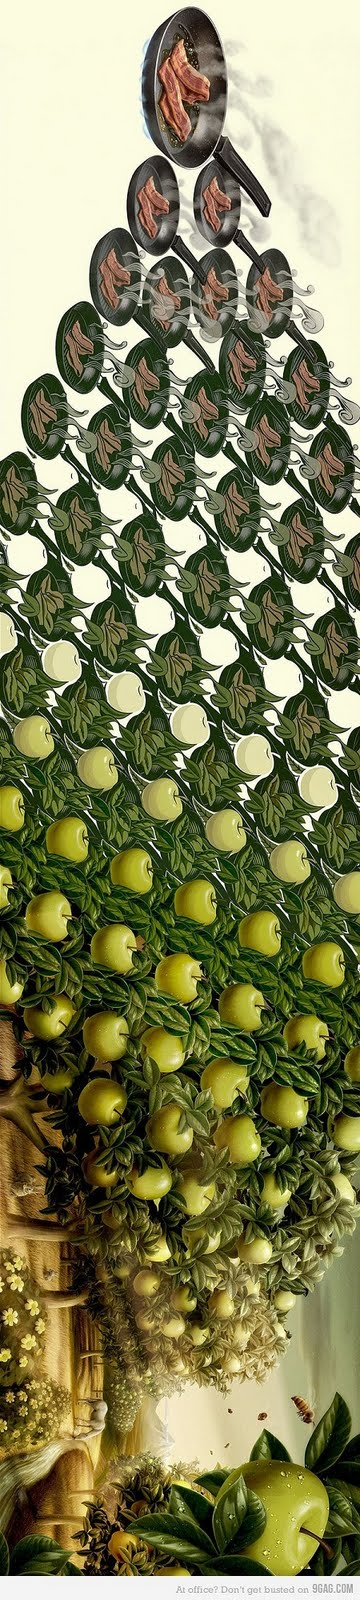 Tocino y manzanas